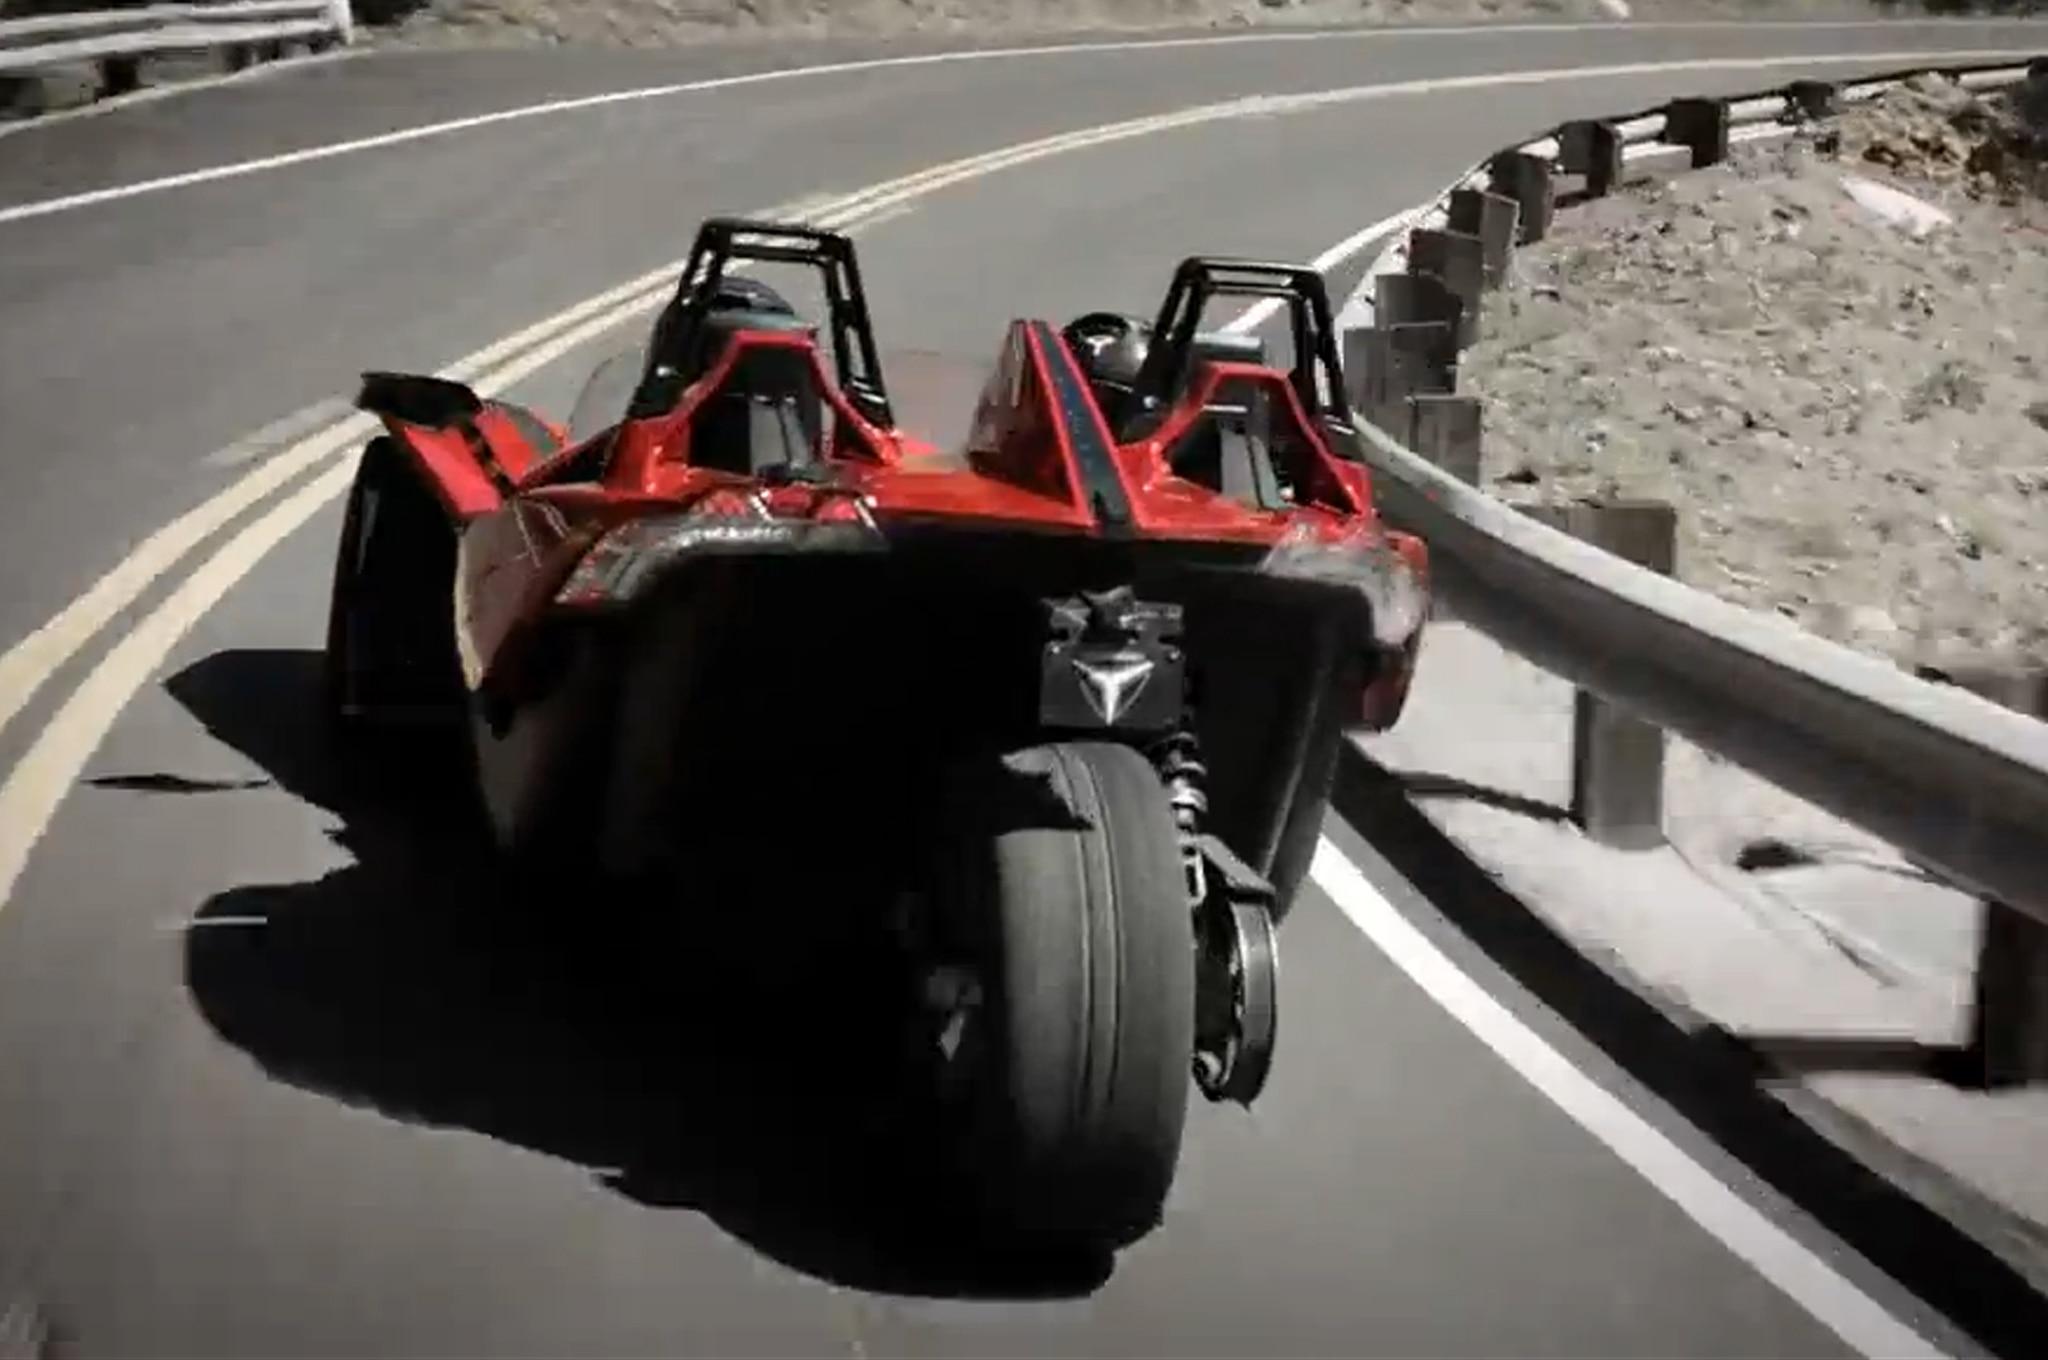 2015 polaris slingshot three wheeler means business. Black Bedroom Furniture Sets. Home Design Ideas